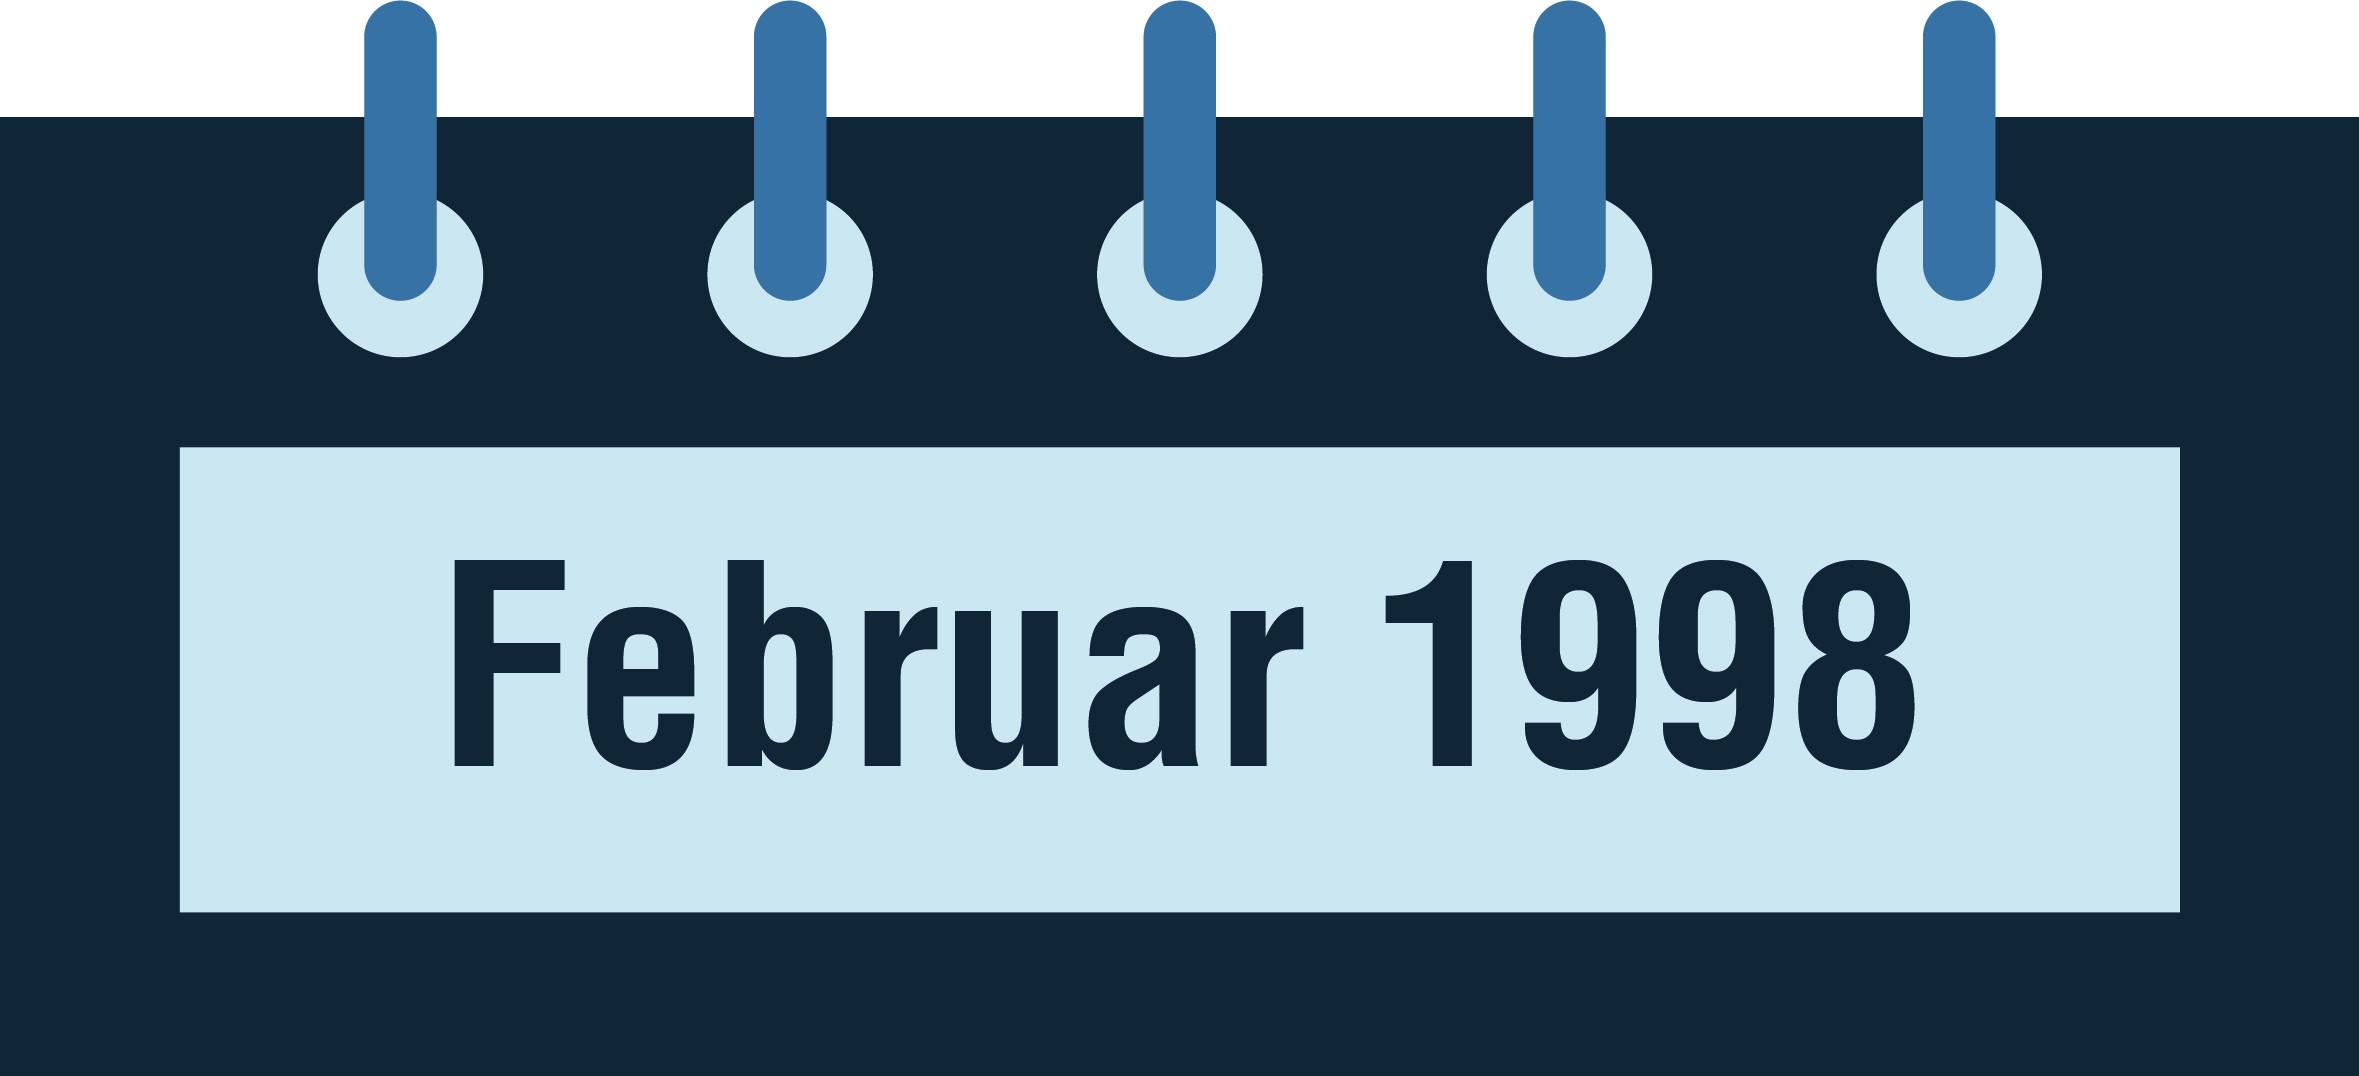 NeuroCheck Geschichte - Februar 1998 (Foto © NeuroCheck)